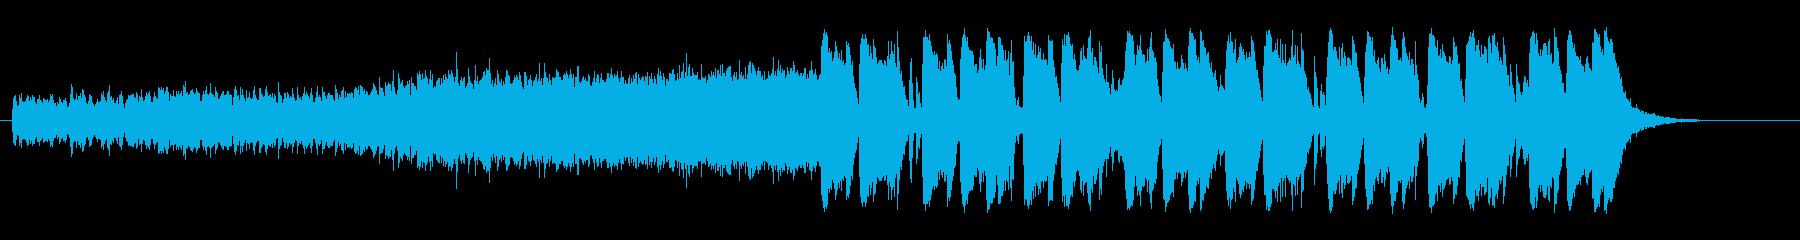 スポーティーな雰囲気の変則ビートの再生済みの波形